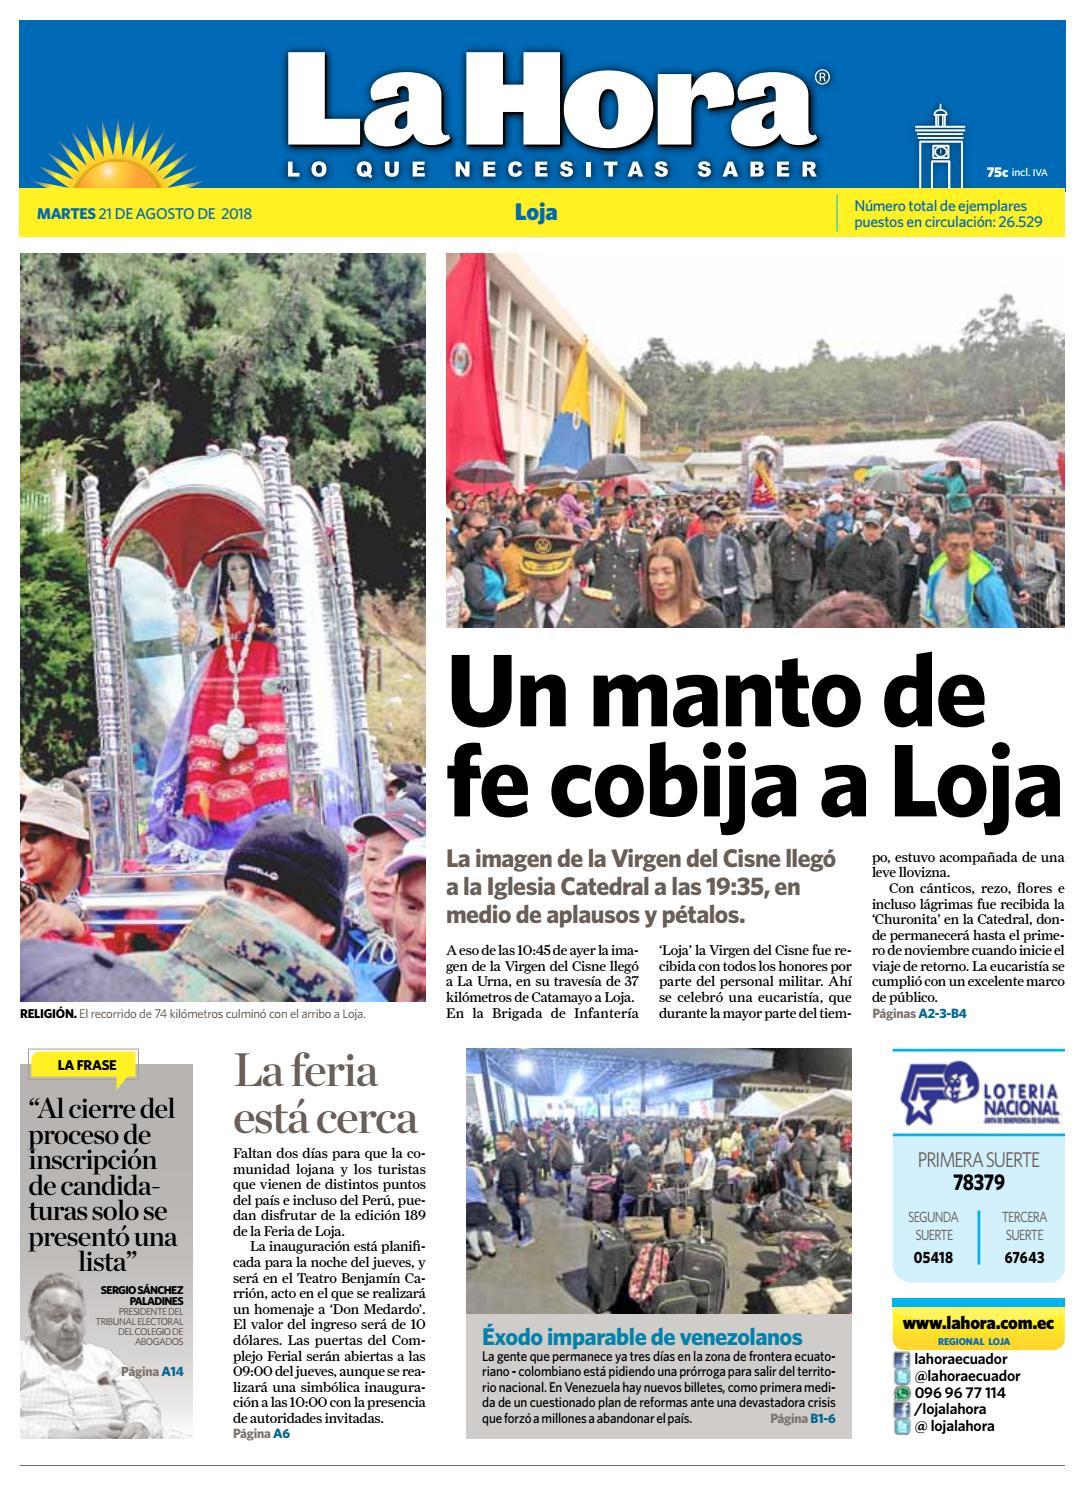 Diario La Hora Loja 21 De Agosto 2018 By Diario La Hora